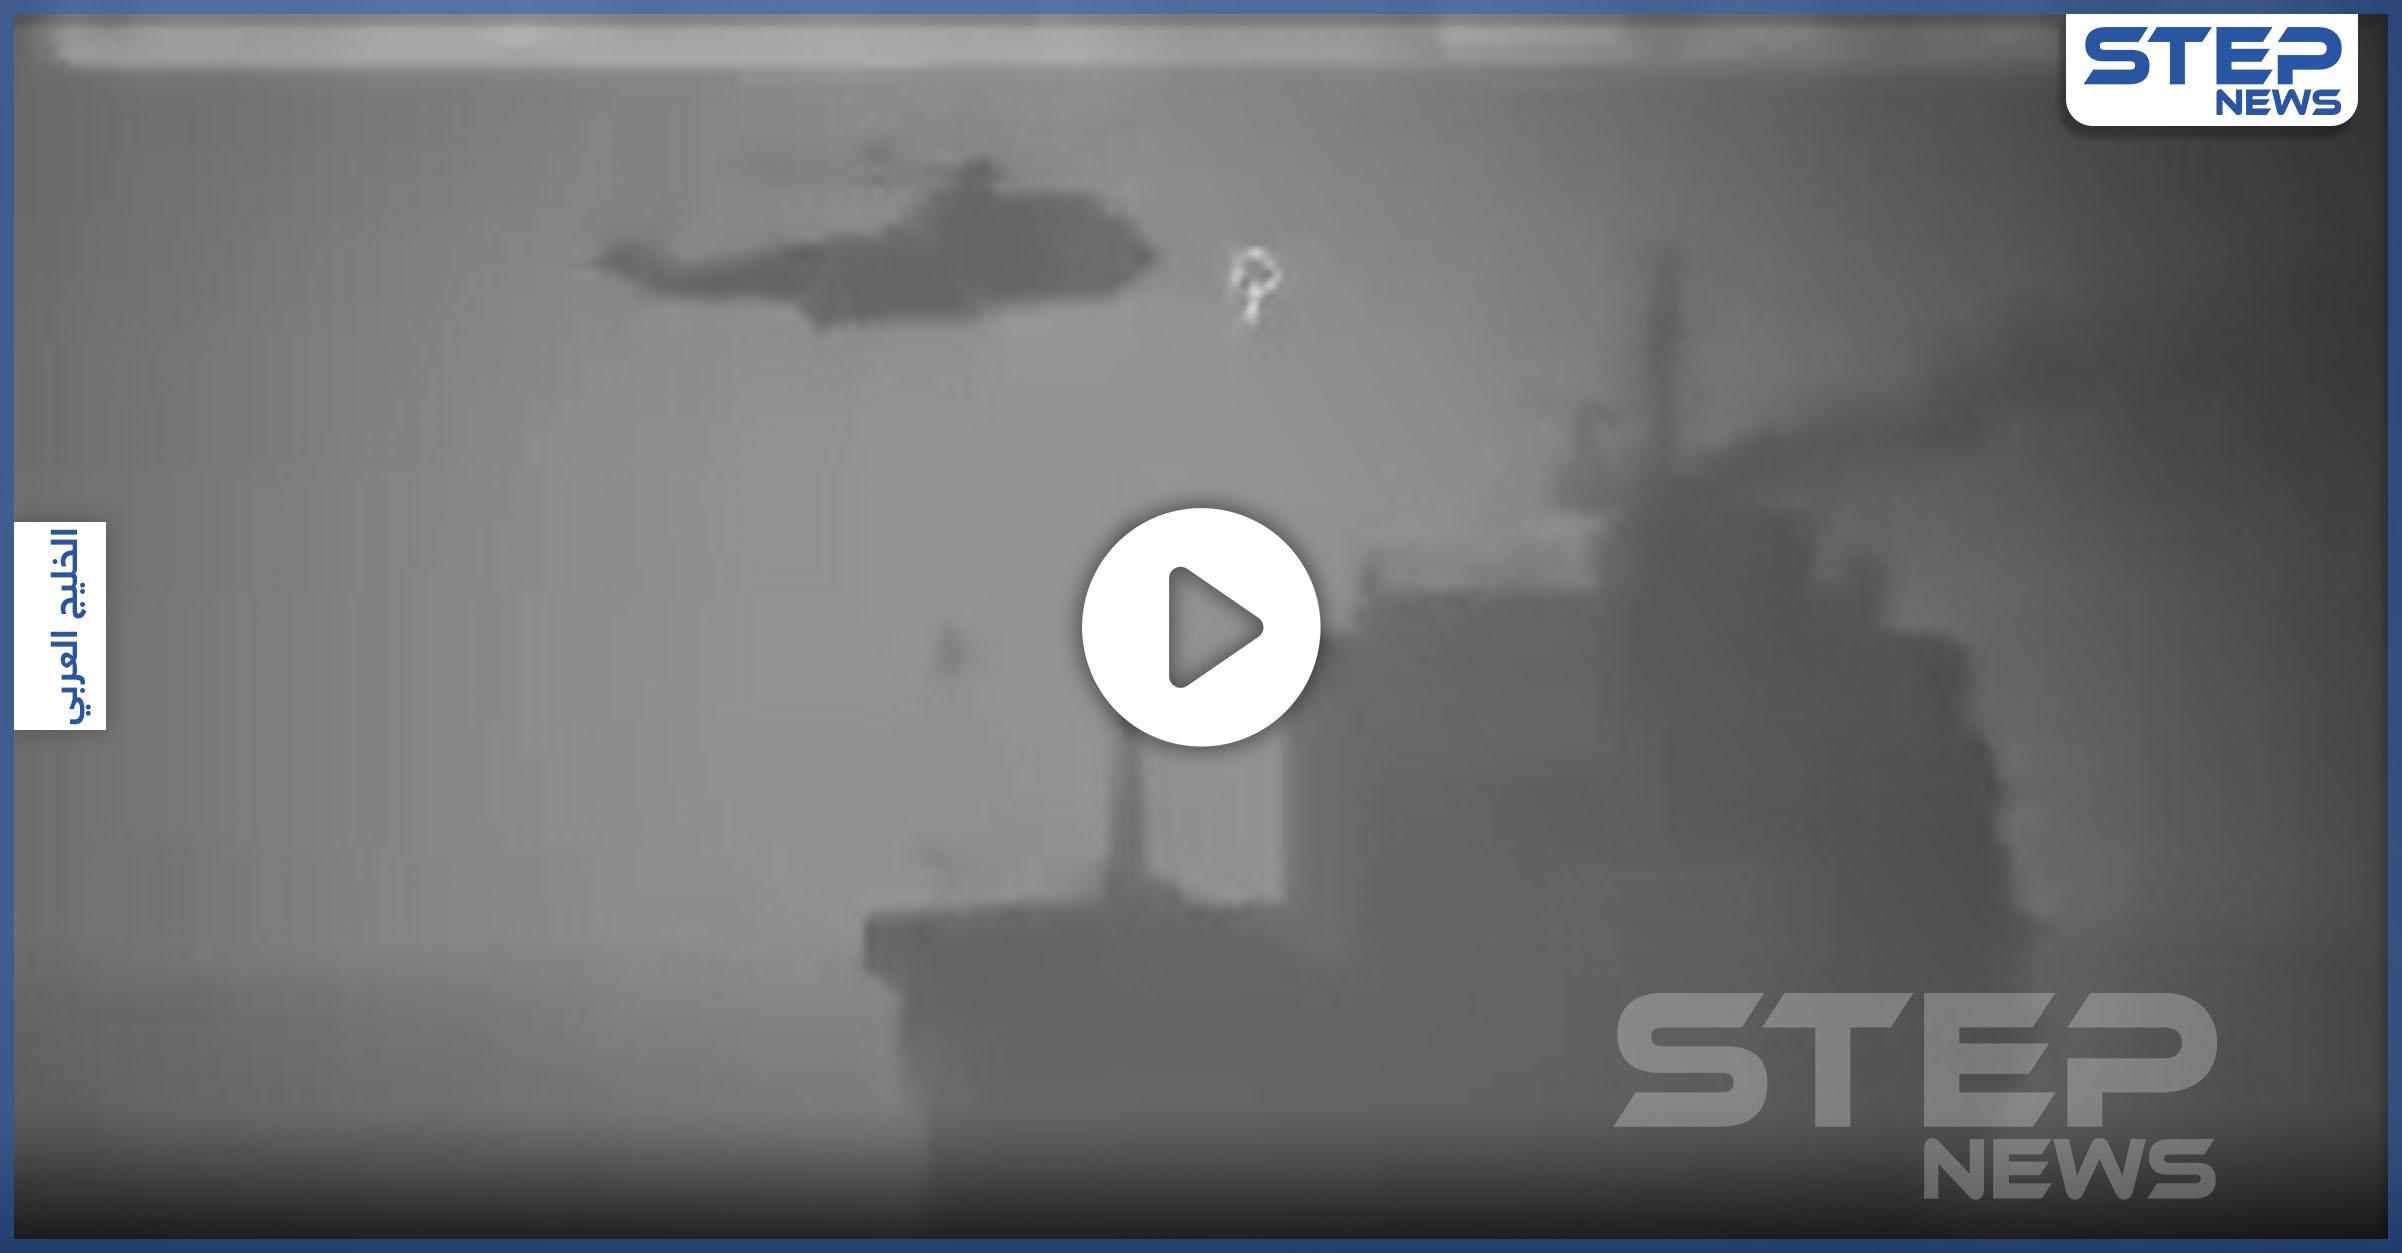 إيران تستولي على سفينة راسية بالقرب من أحد دول الخليج